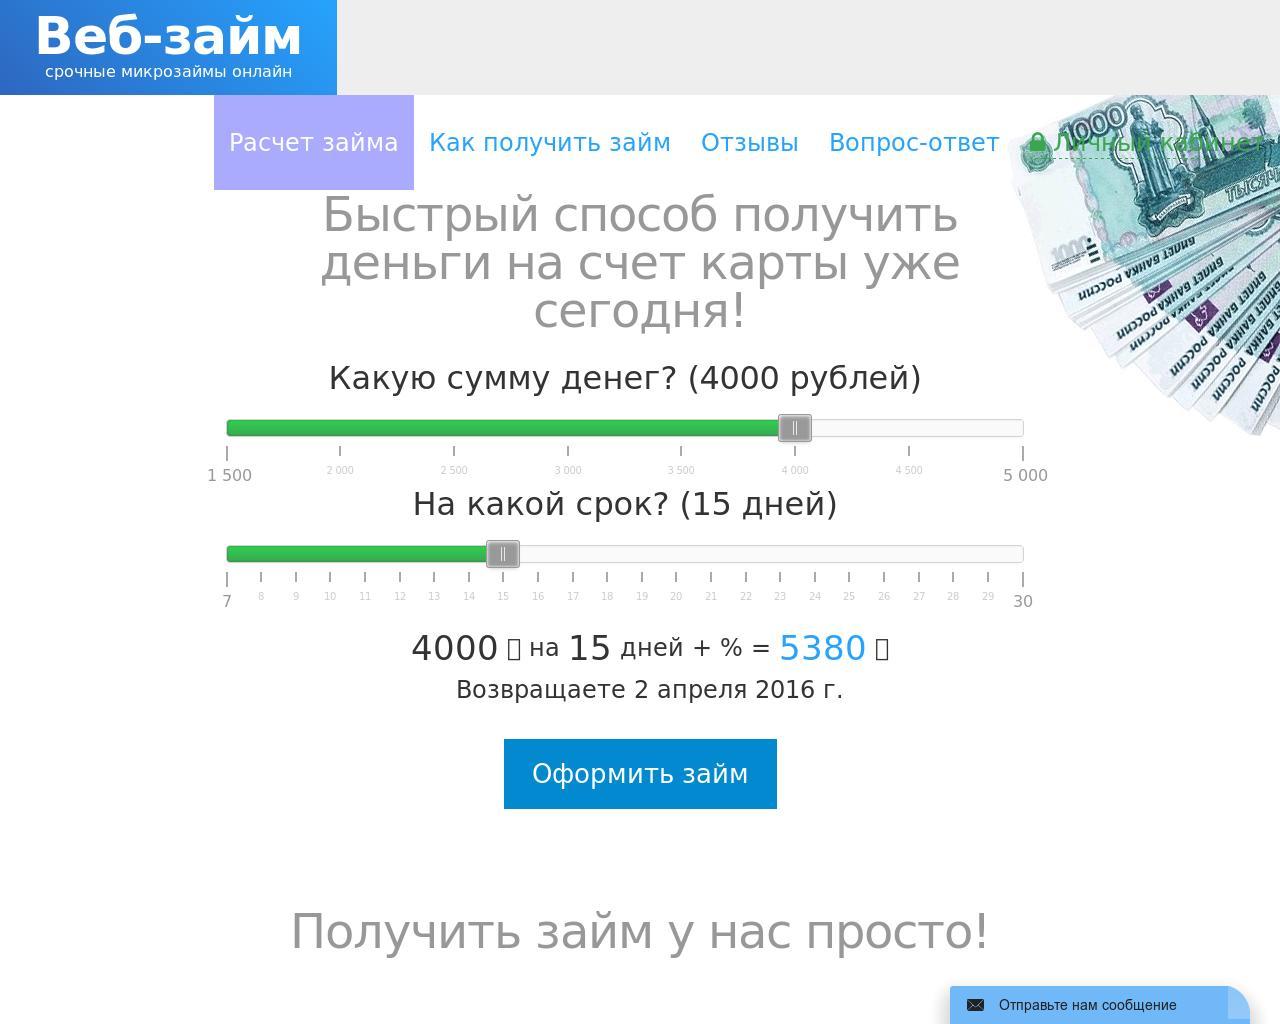 Займ на Карту Онлайн в Украине до 90% Одобрений